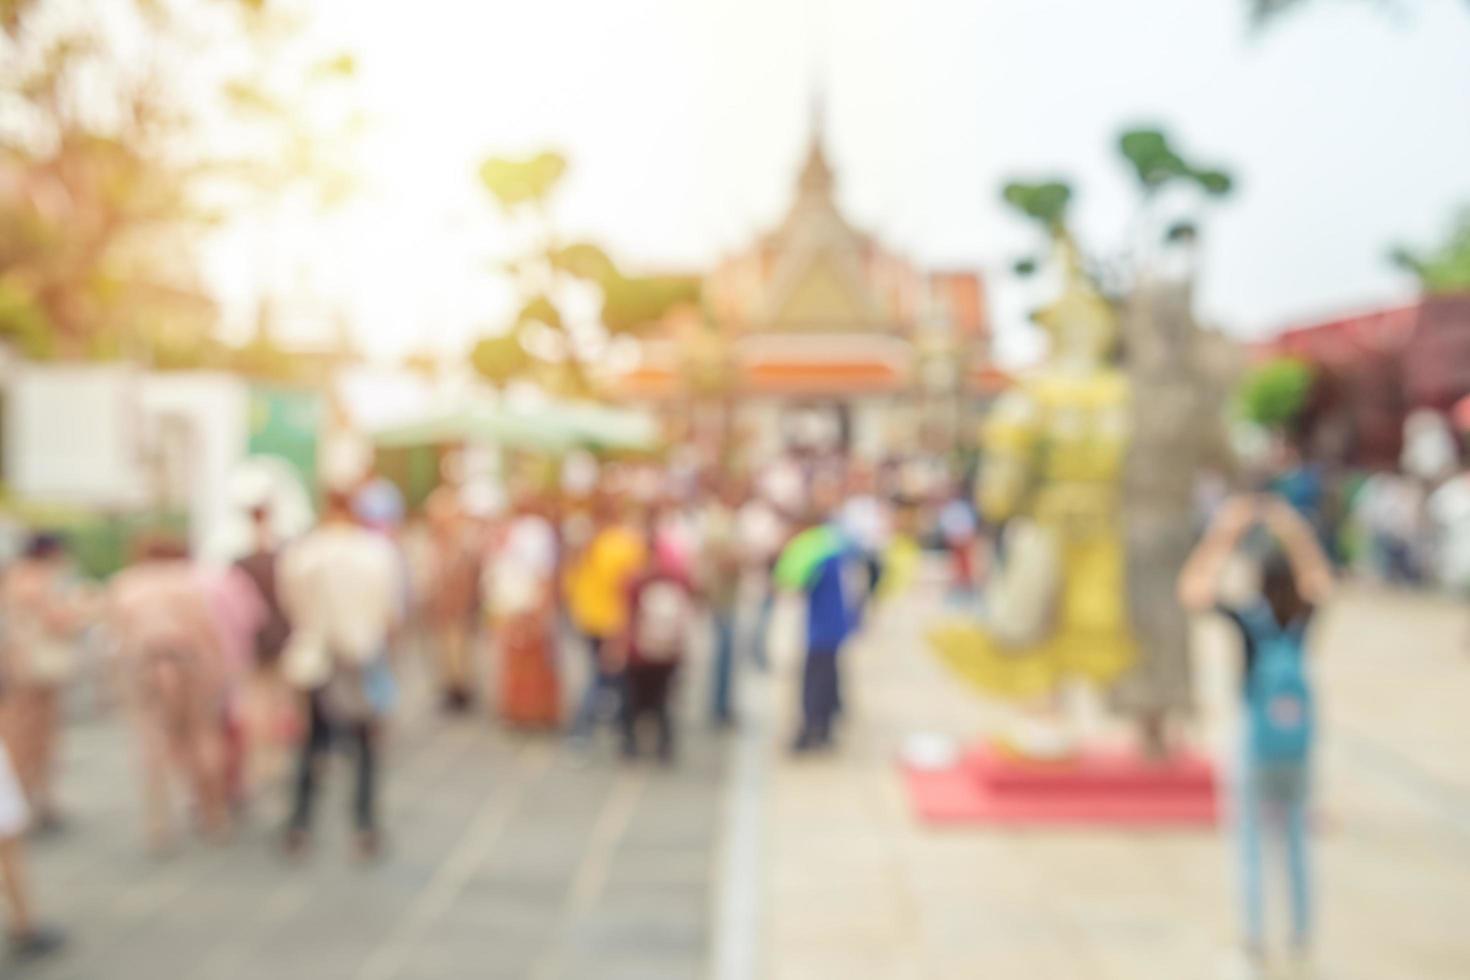 Résumé floue de la foule au temple de wat arun photo